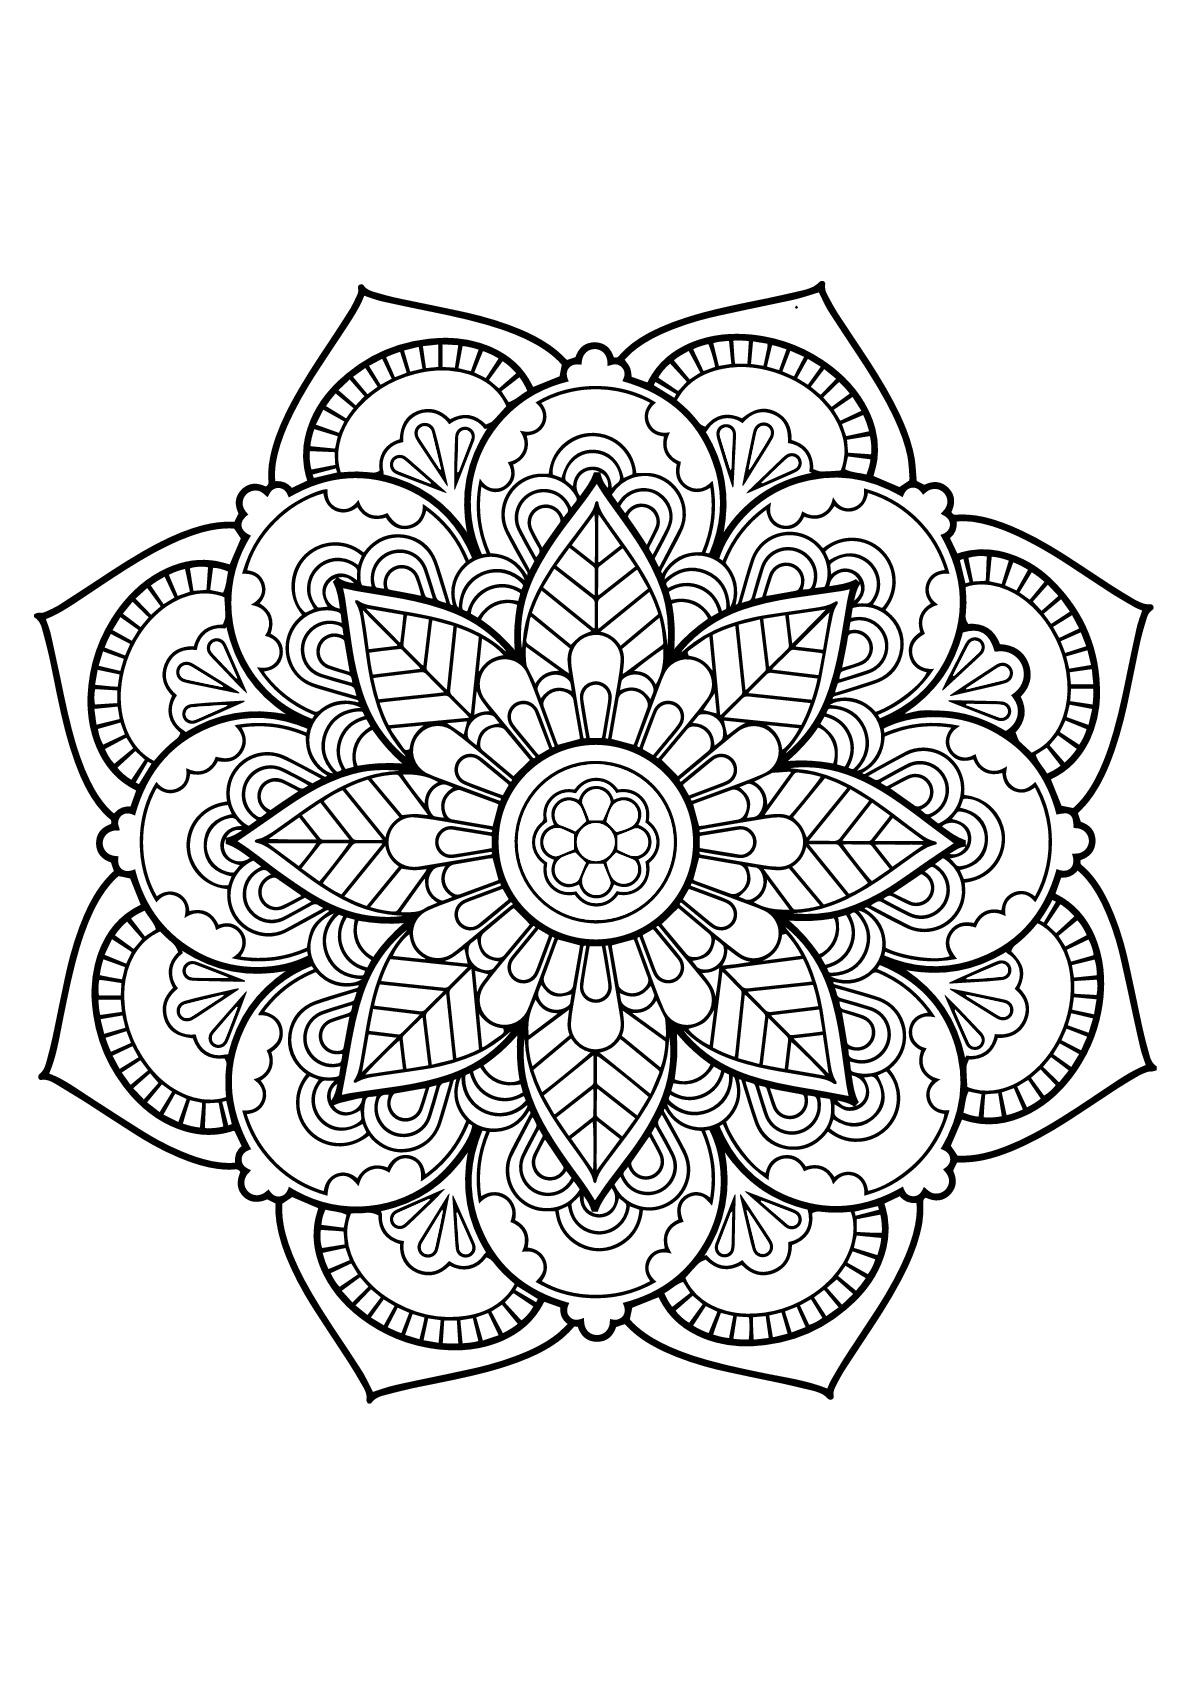 Mandala livre gratuit 22 mandalas coloriages difficiles pour adultes - Dessine gratuit ...